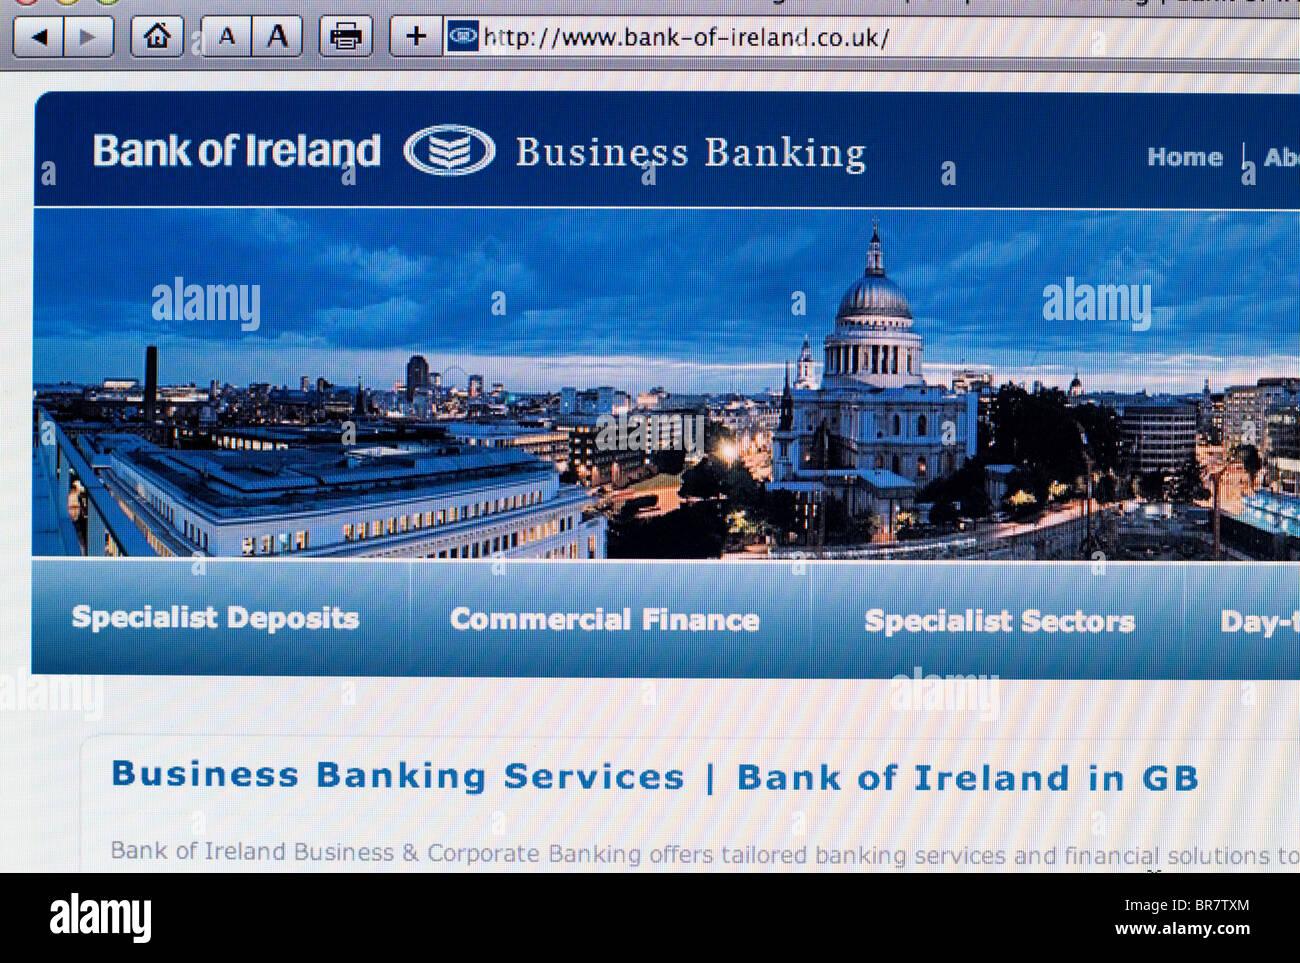 Bank of Ireland website screenshot - Stock Image